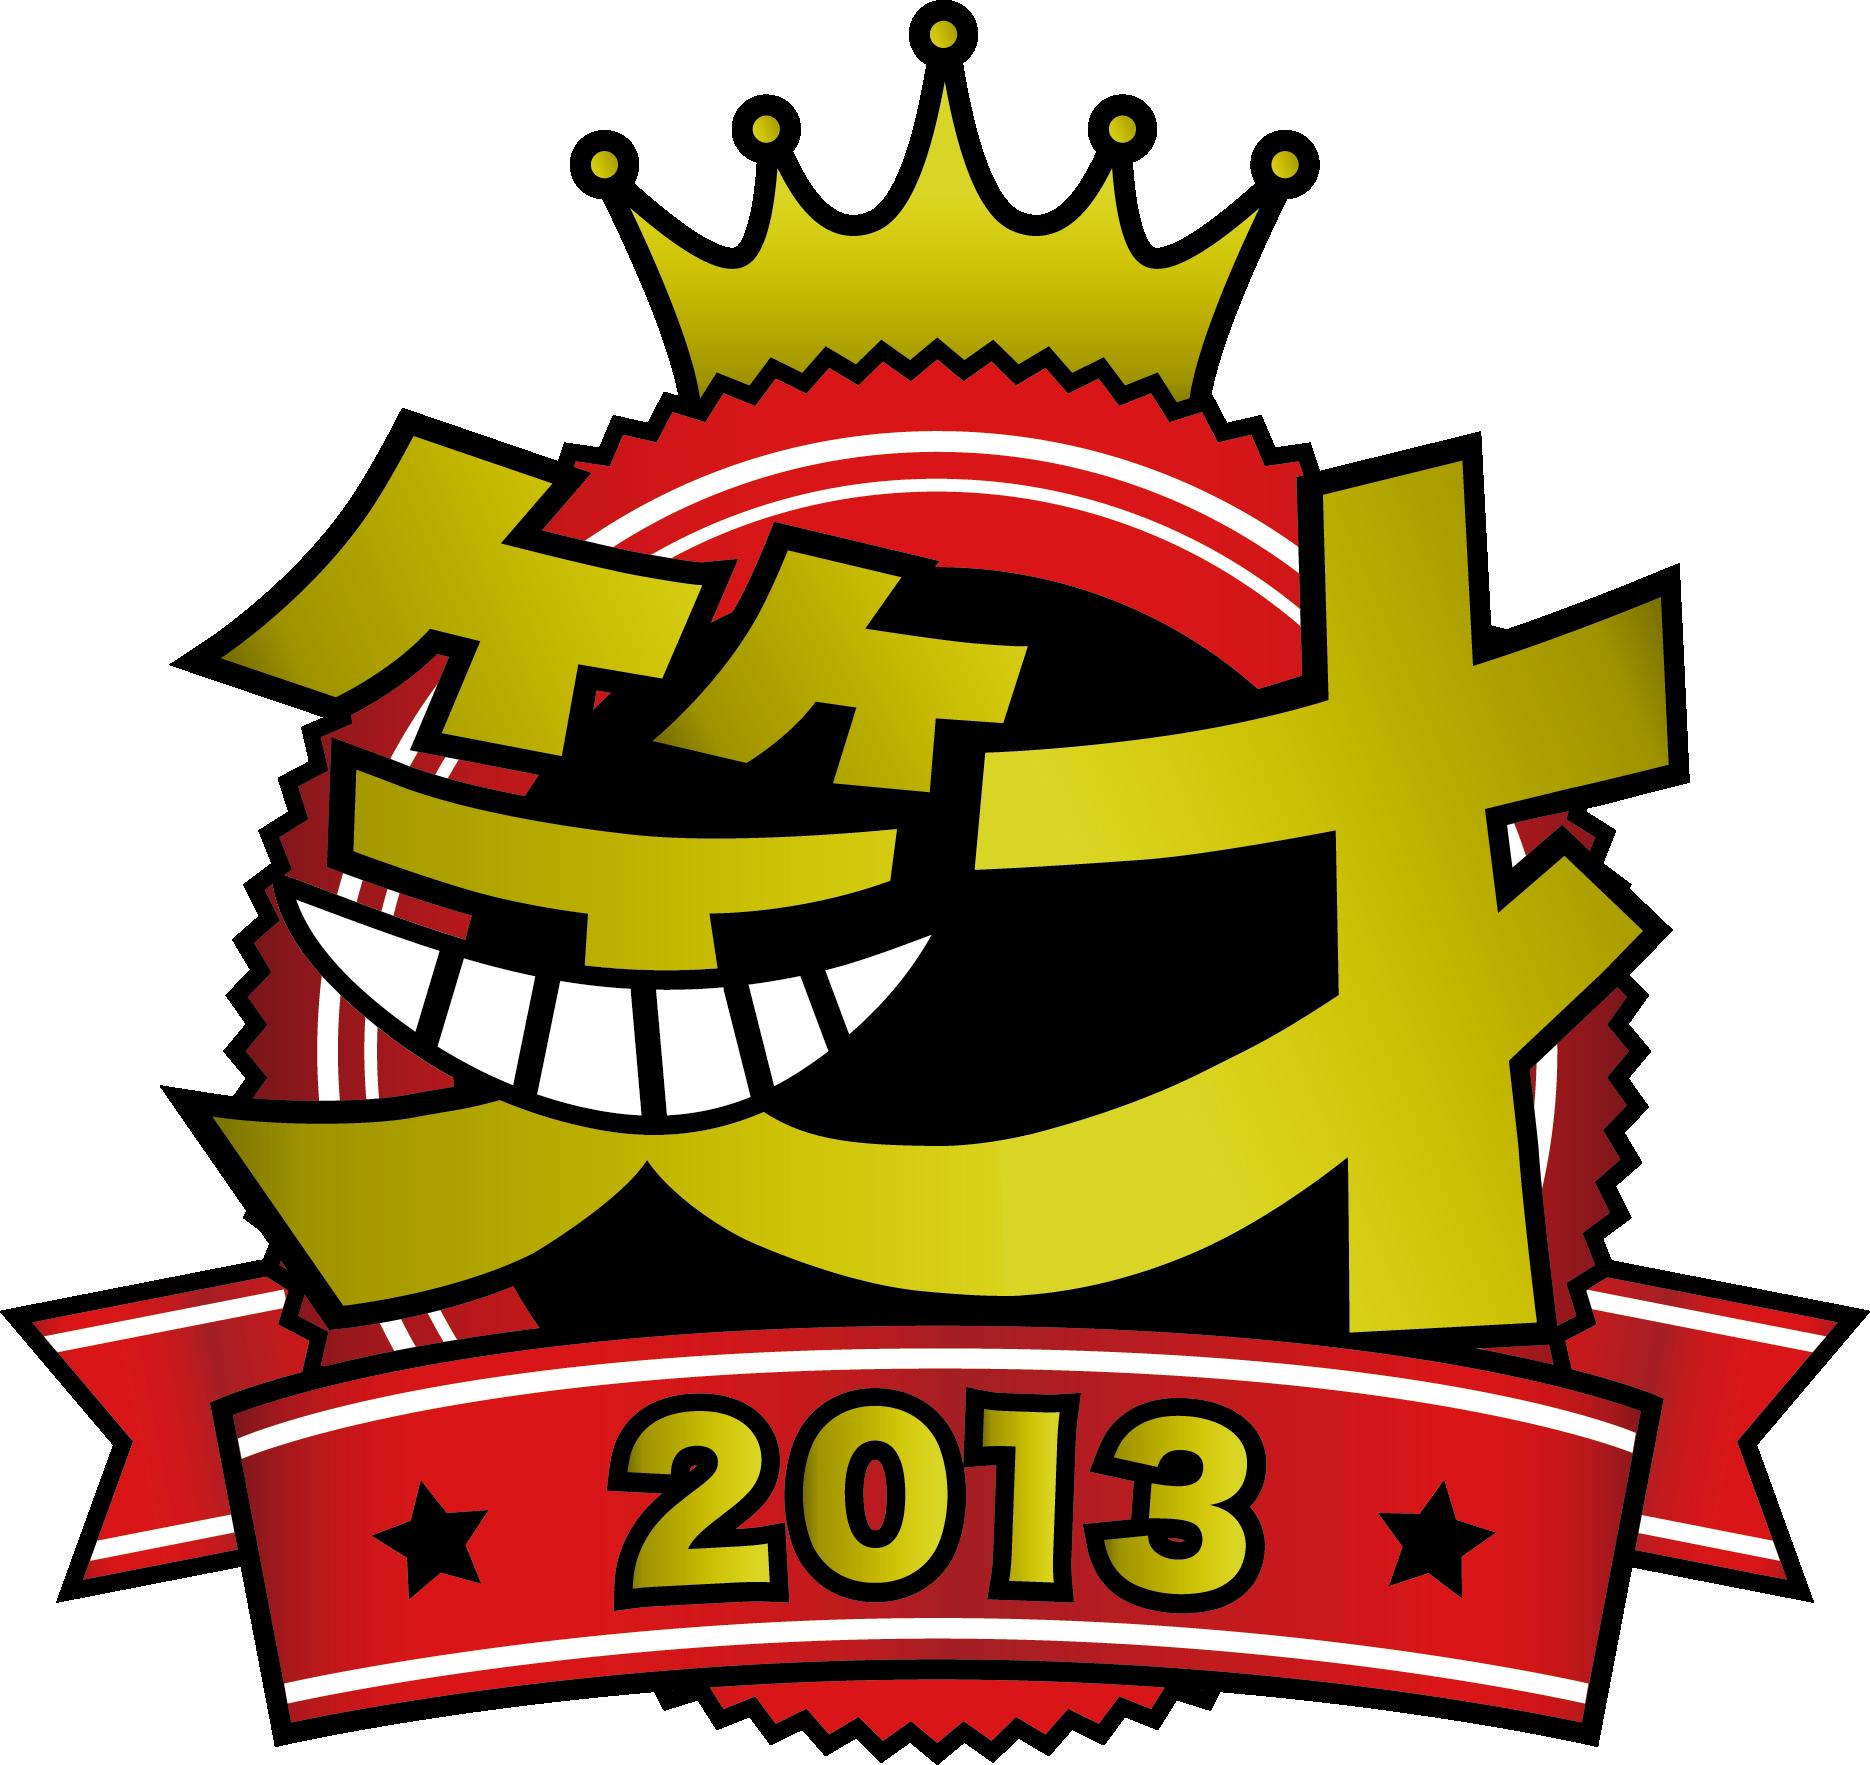 笑才2013 ロゴ